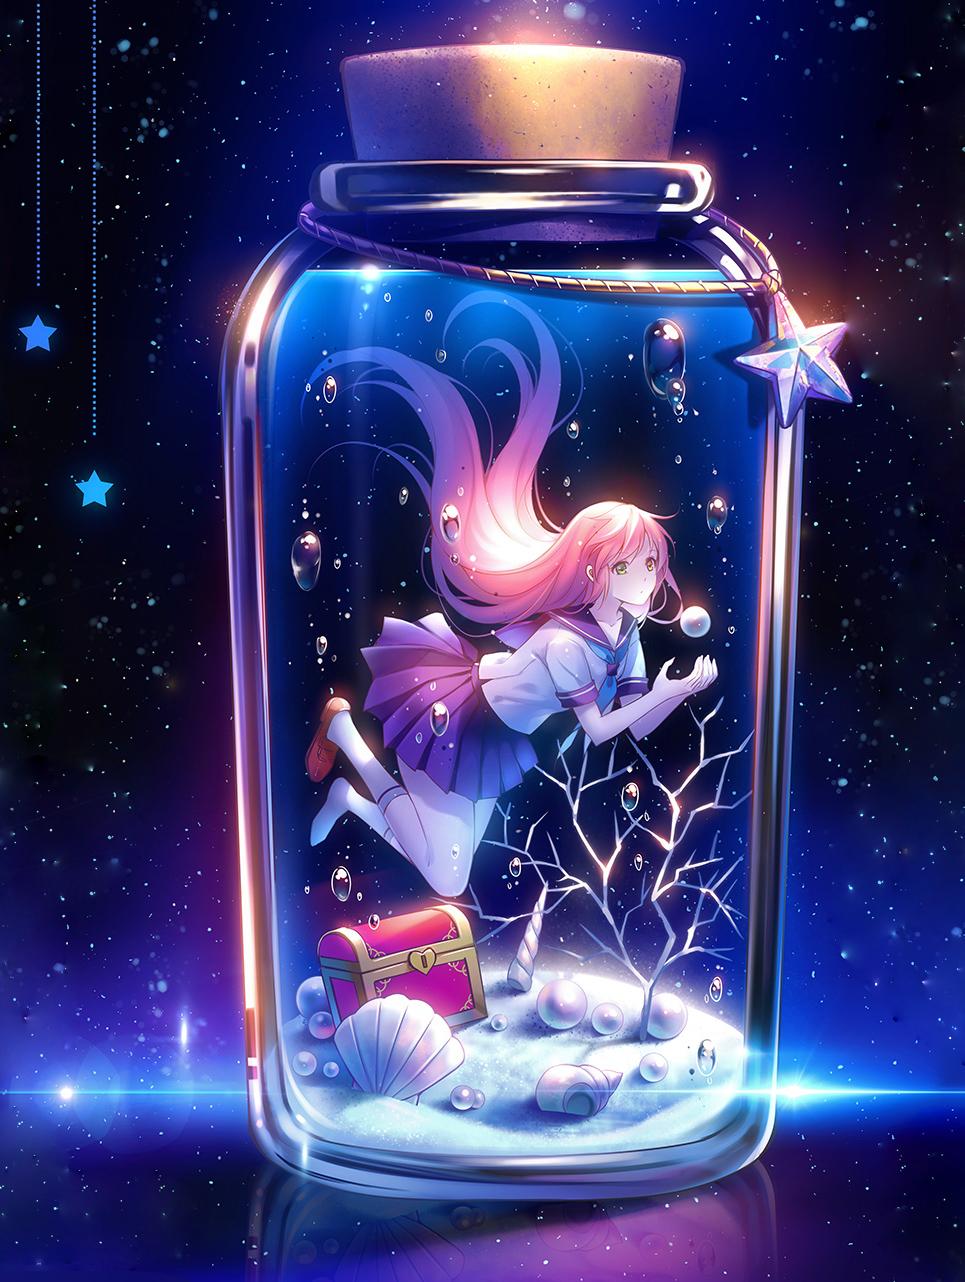 Hình nền dễ thương cho điện thoại